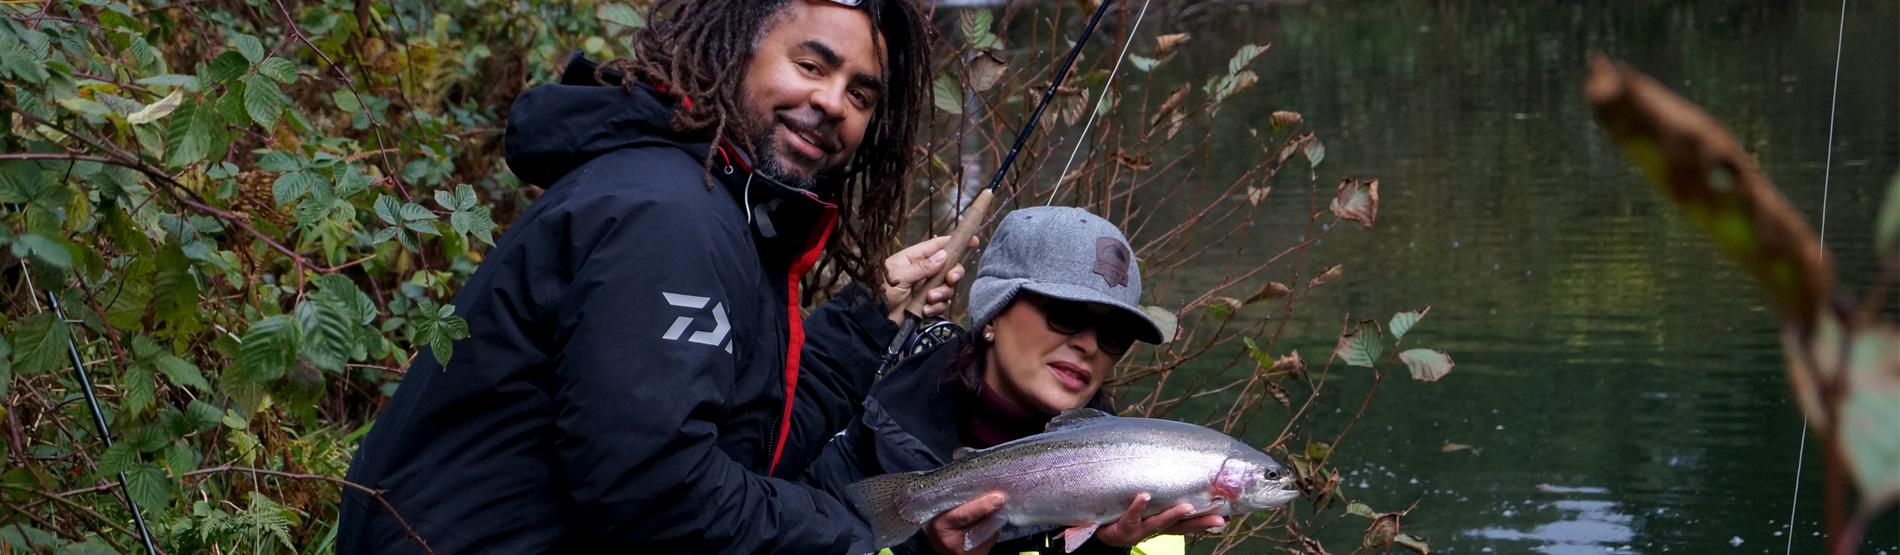 Mirjana Pavlic und Patrick Owomoyela beim Fliegenfischen